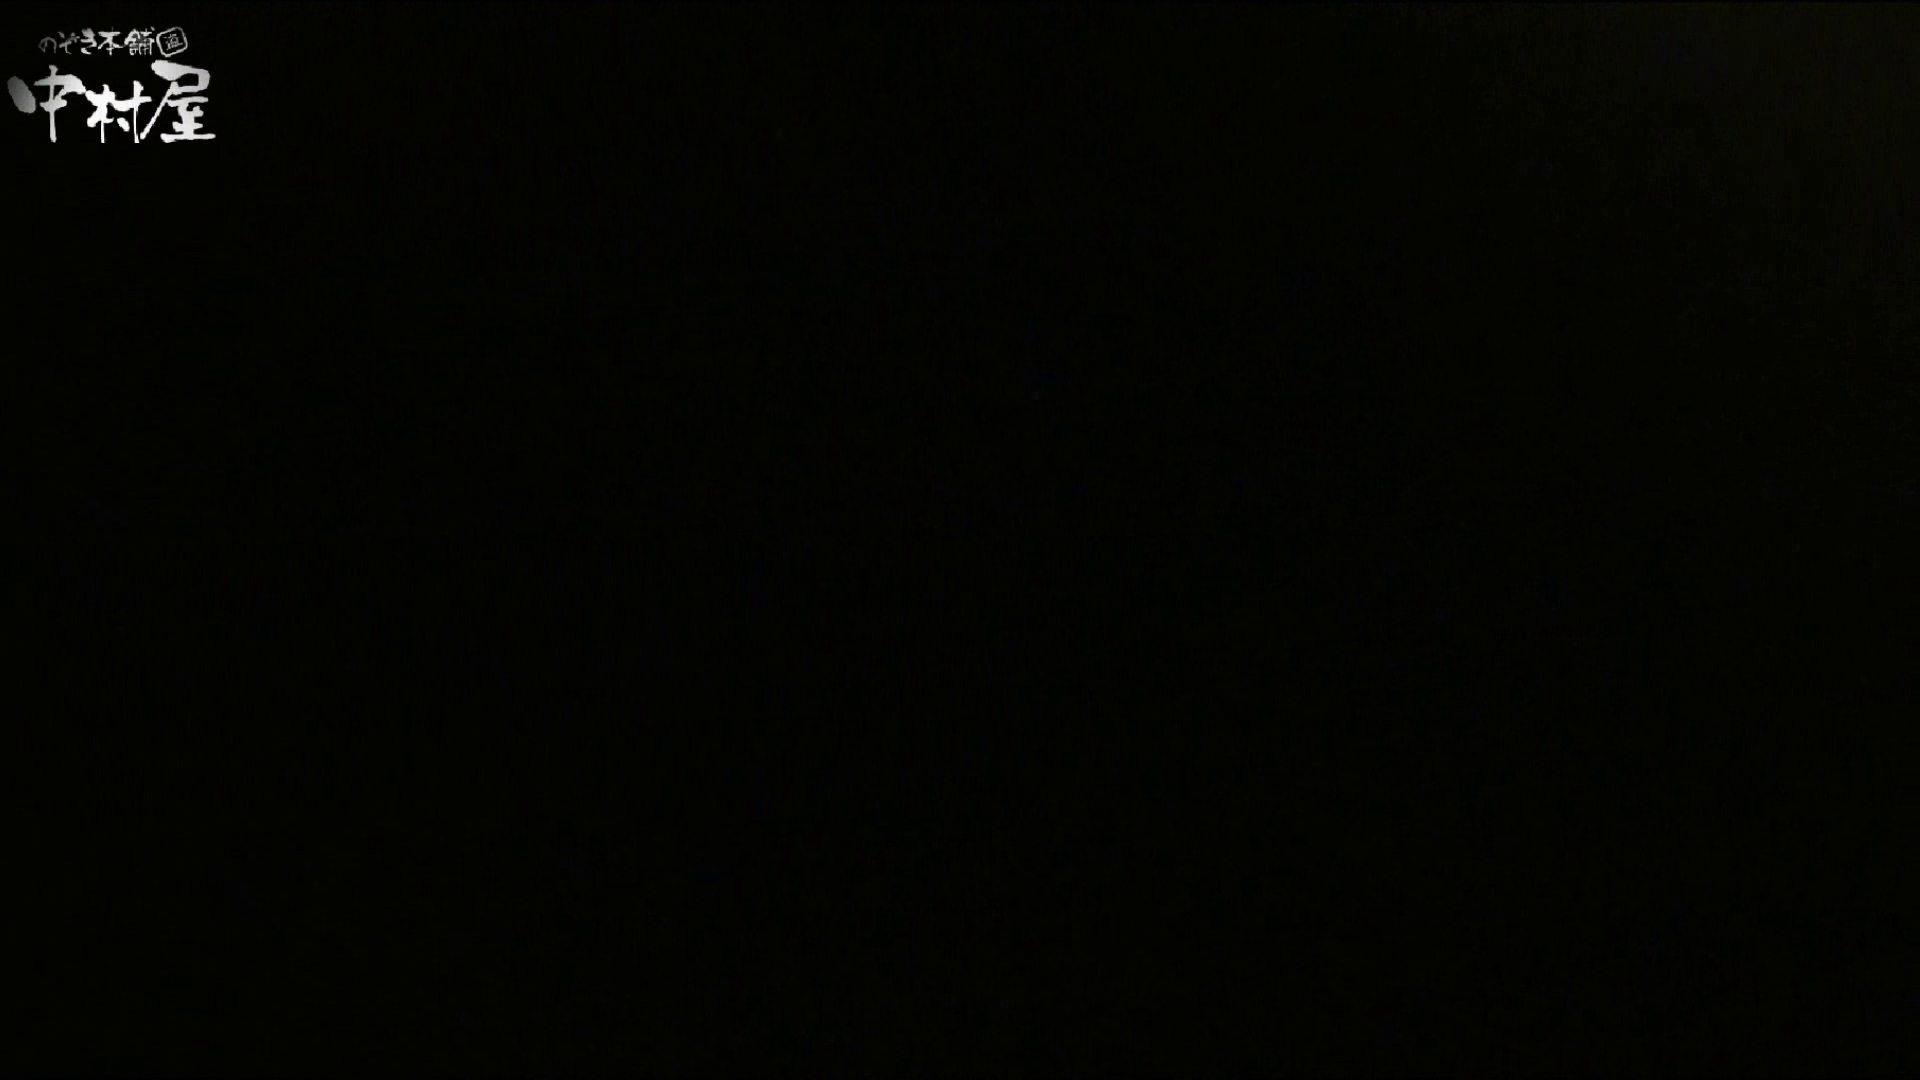 民家風呂専門盗撮師の超危険映像 vol.030 股間特別編 | お色気美少女  71枚 43